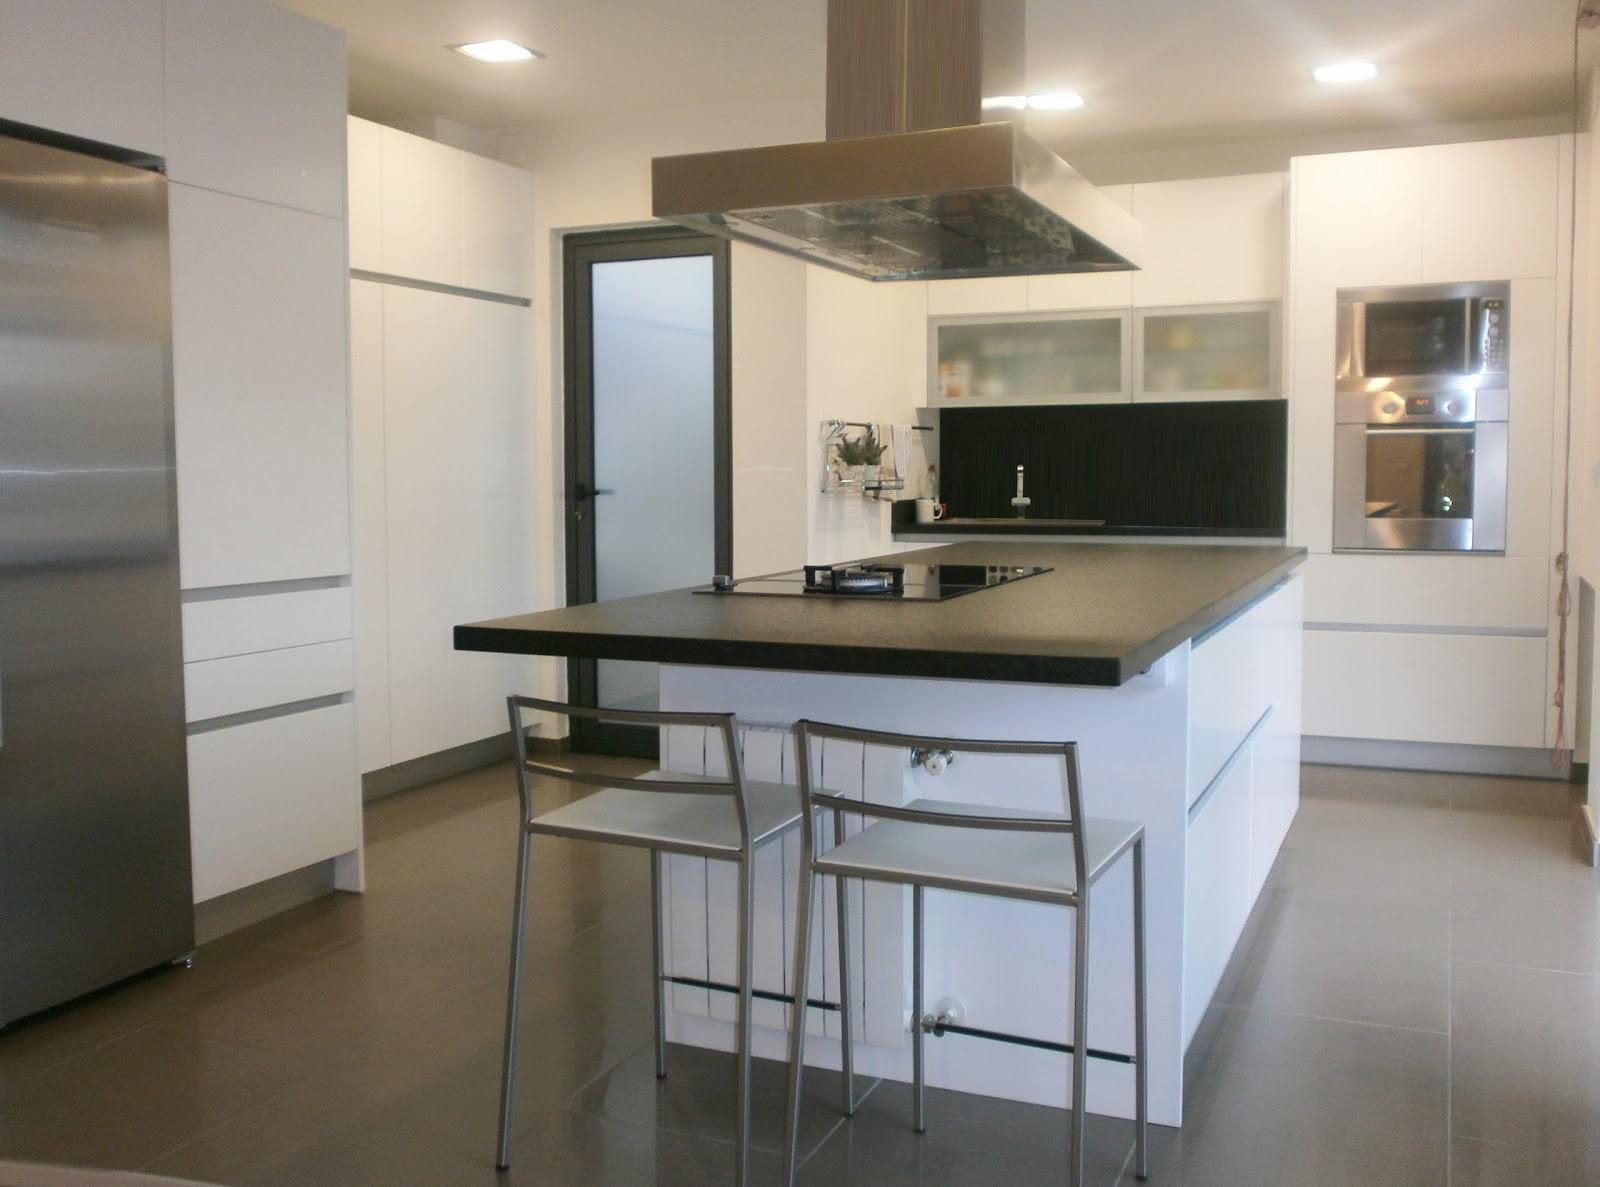 Granito negro y cocina blanca sobria y siempre actual  Cocinas con estilo